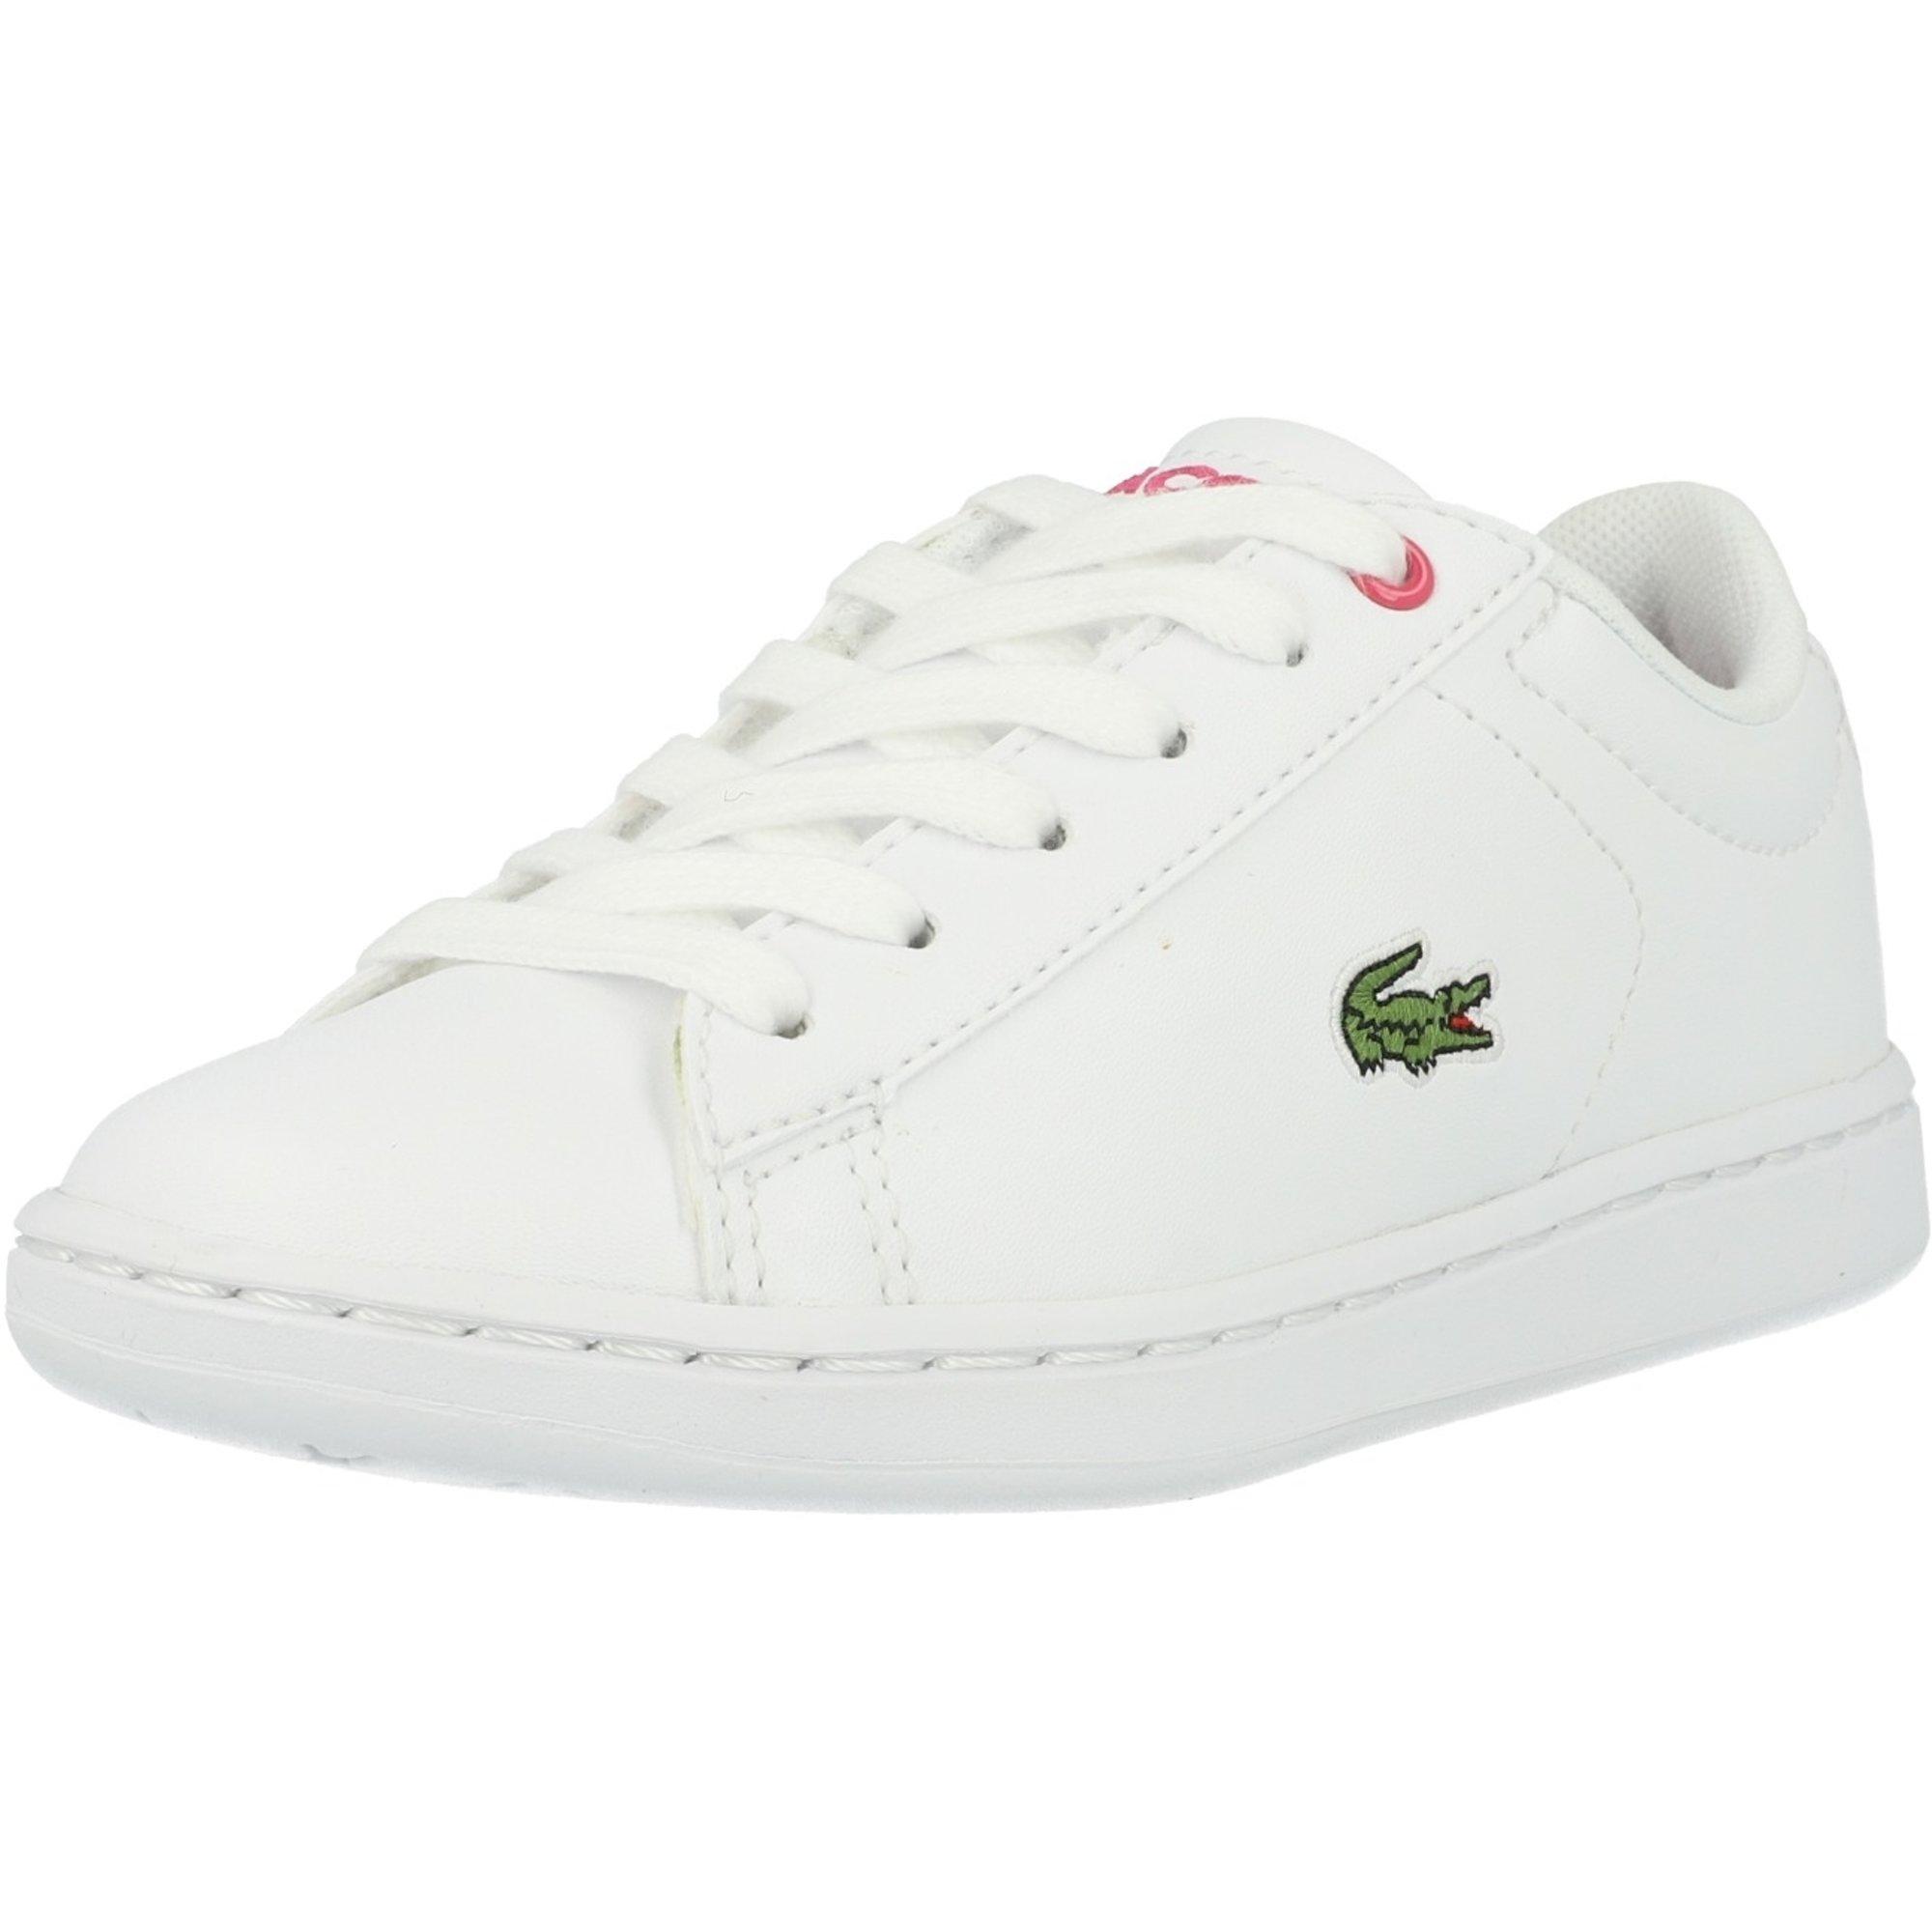 LACOSTE blanc rose Lerond Enfants Filles En Cuir Baskets UK 11 livraison gratuite neuf!!!